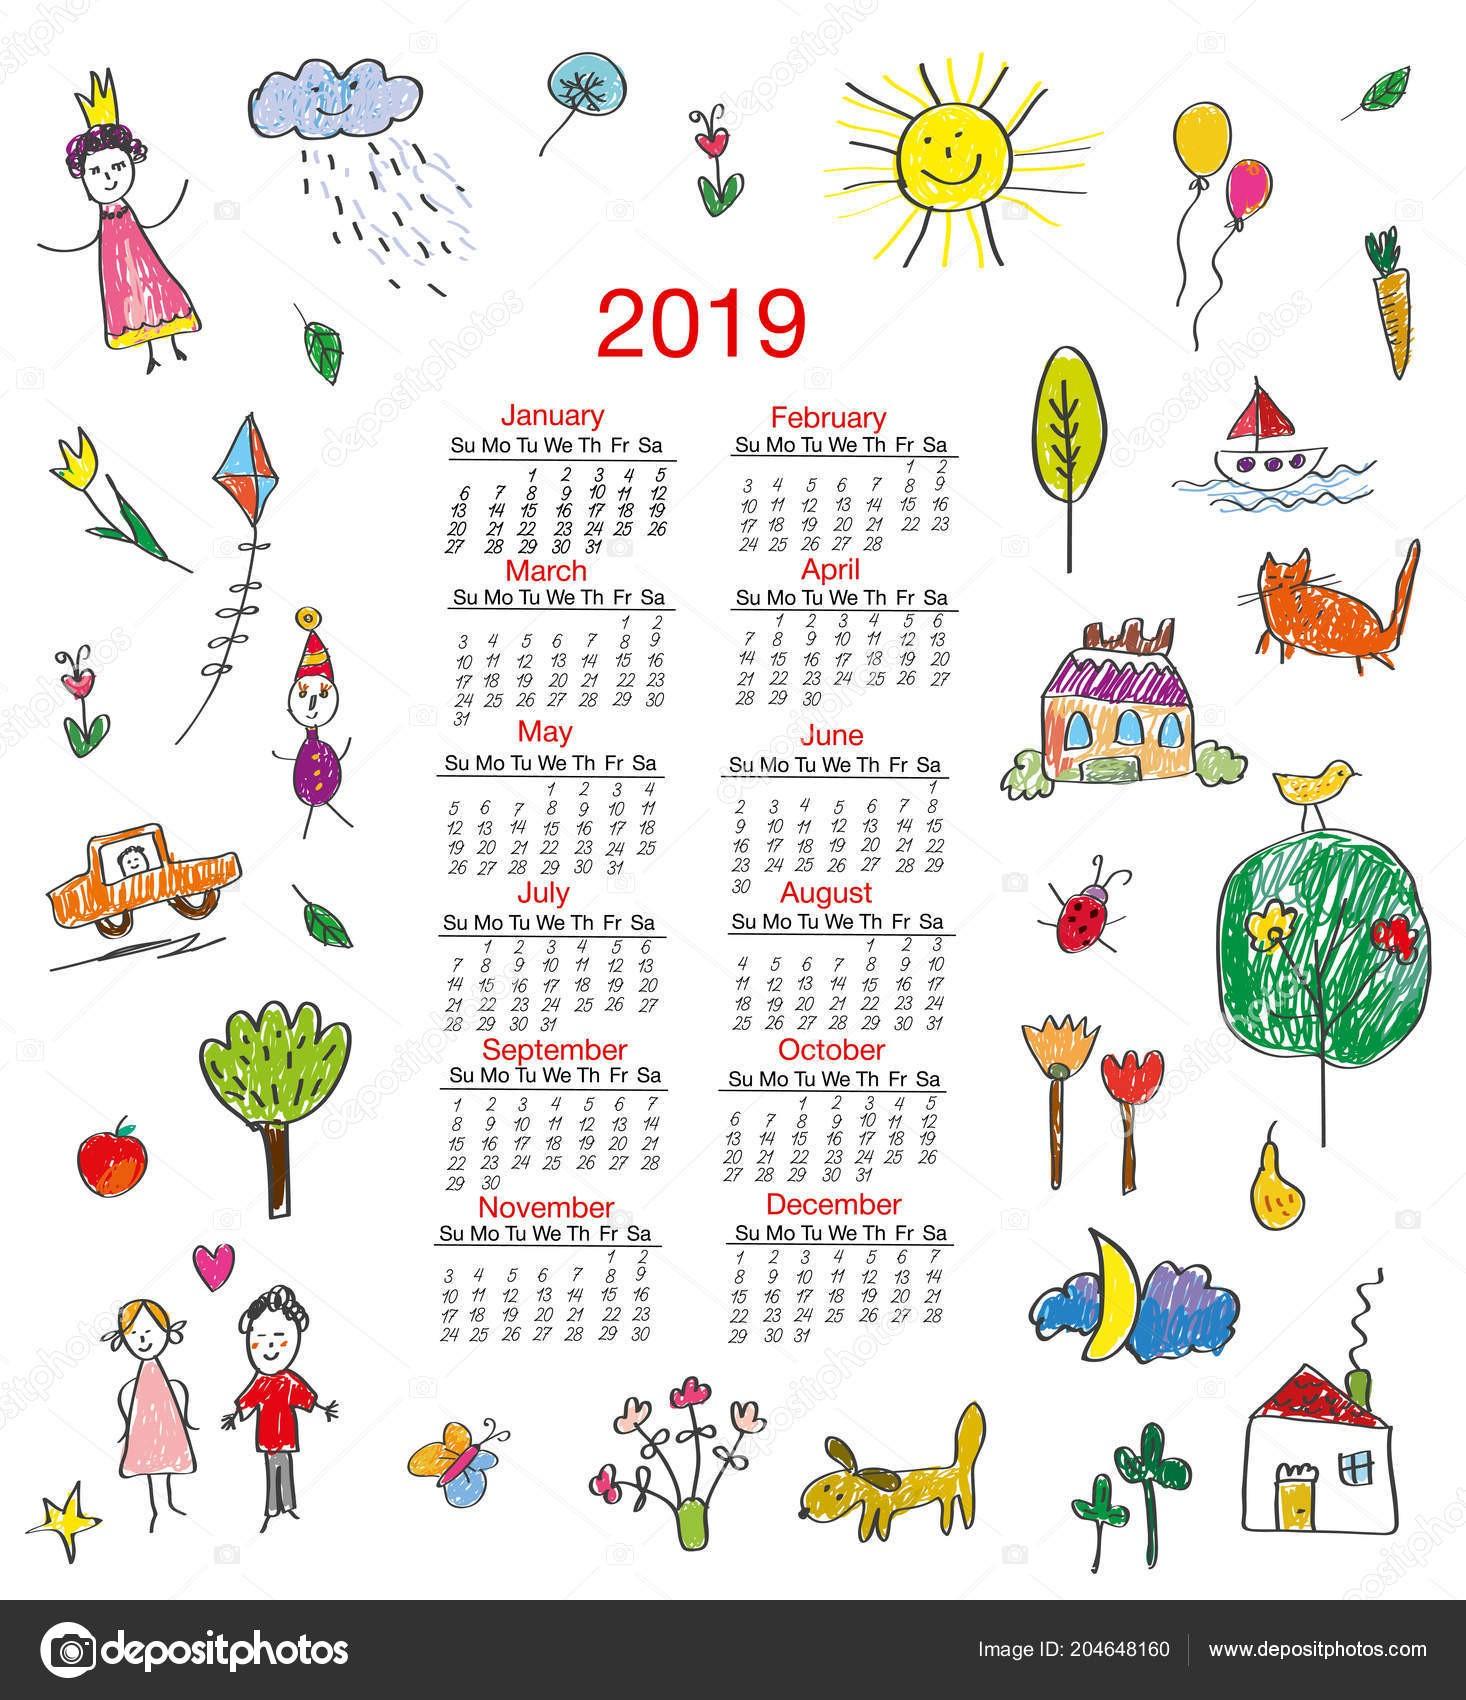 Calendario Vacunas 2017 Para Imprimir Más Recientemente Liberado Calendario Ninos Of Calendario Vacunas 2017 Para Imprimir Más Recientemente Liberado Calendario Abril 2019 Para Imprimir